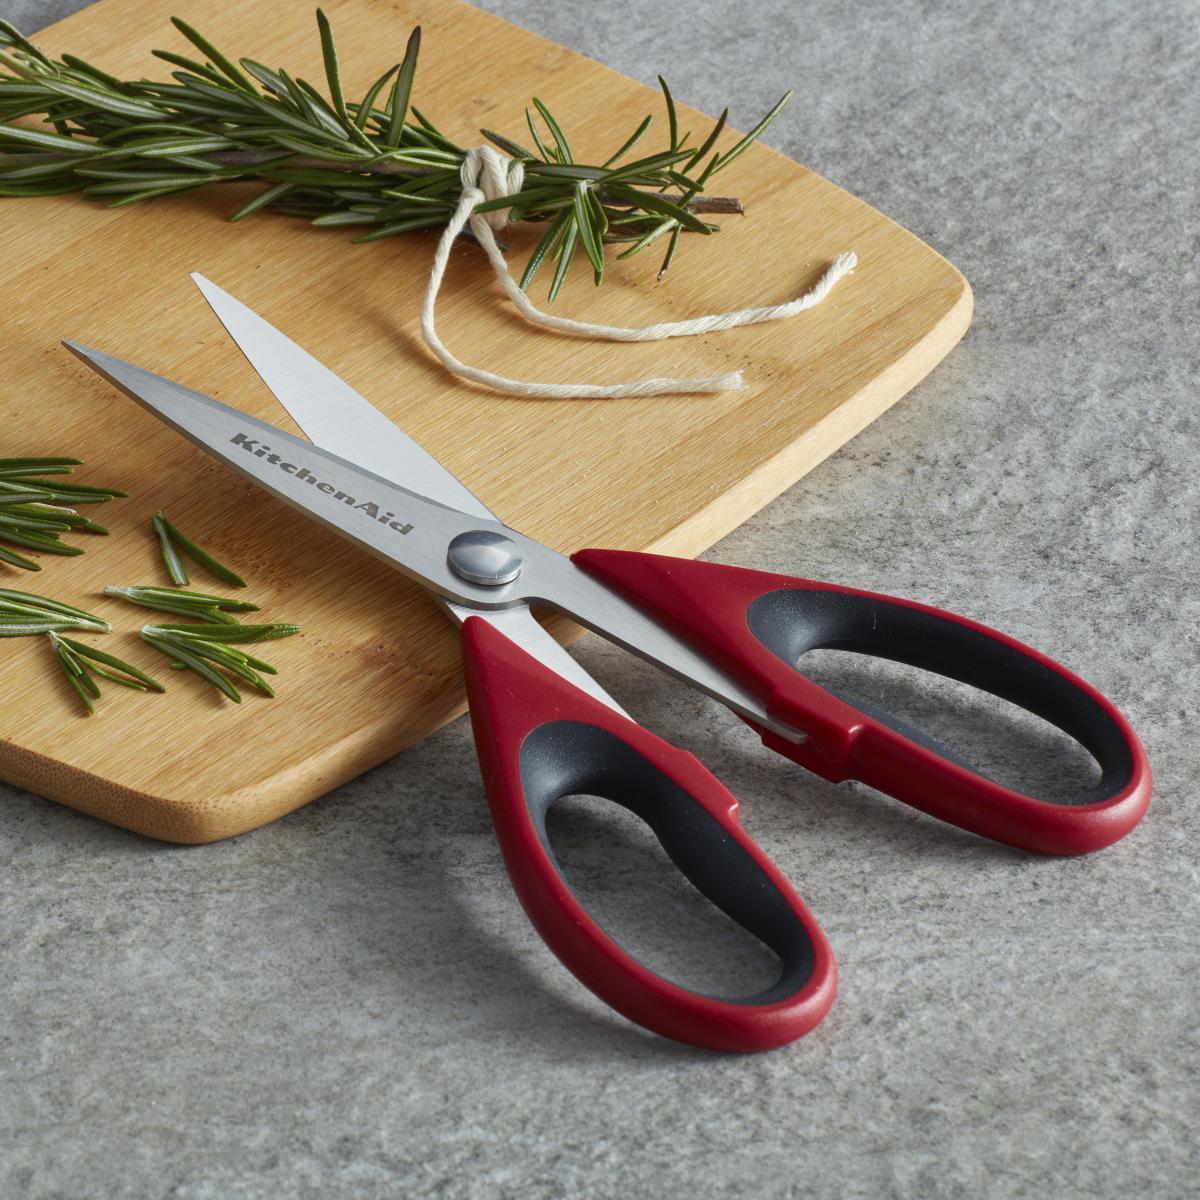 Tesoura Cozinha Universal KitchenAid Inox e Capa de Proteção